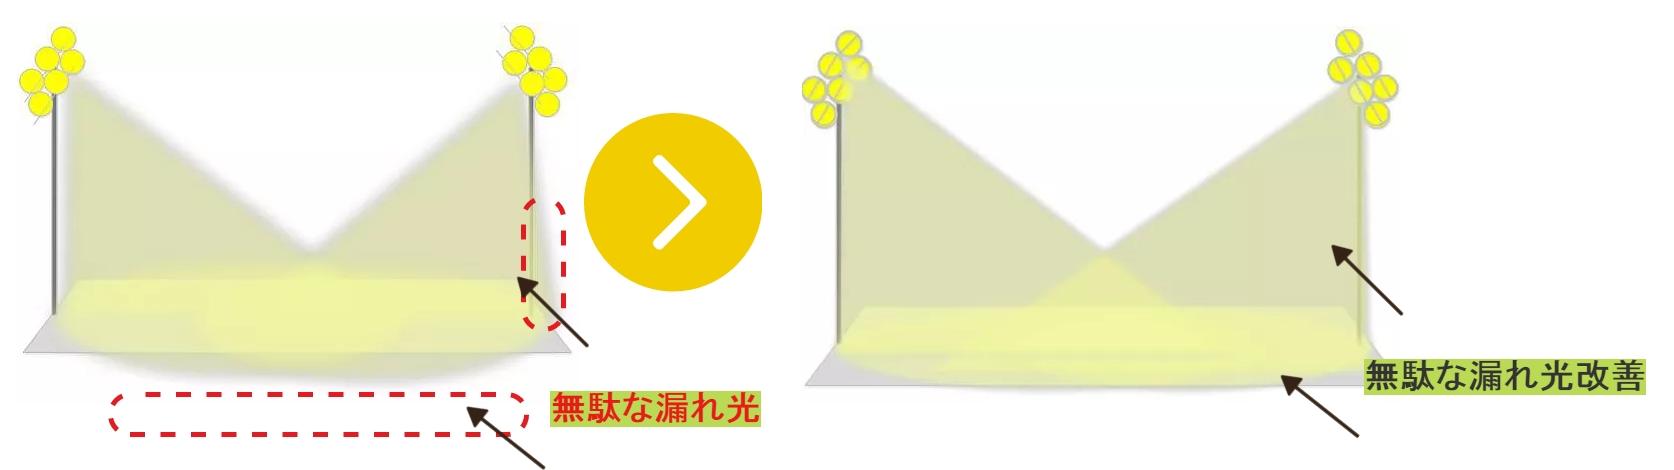 光害対策図2